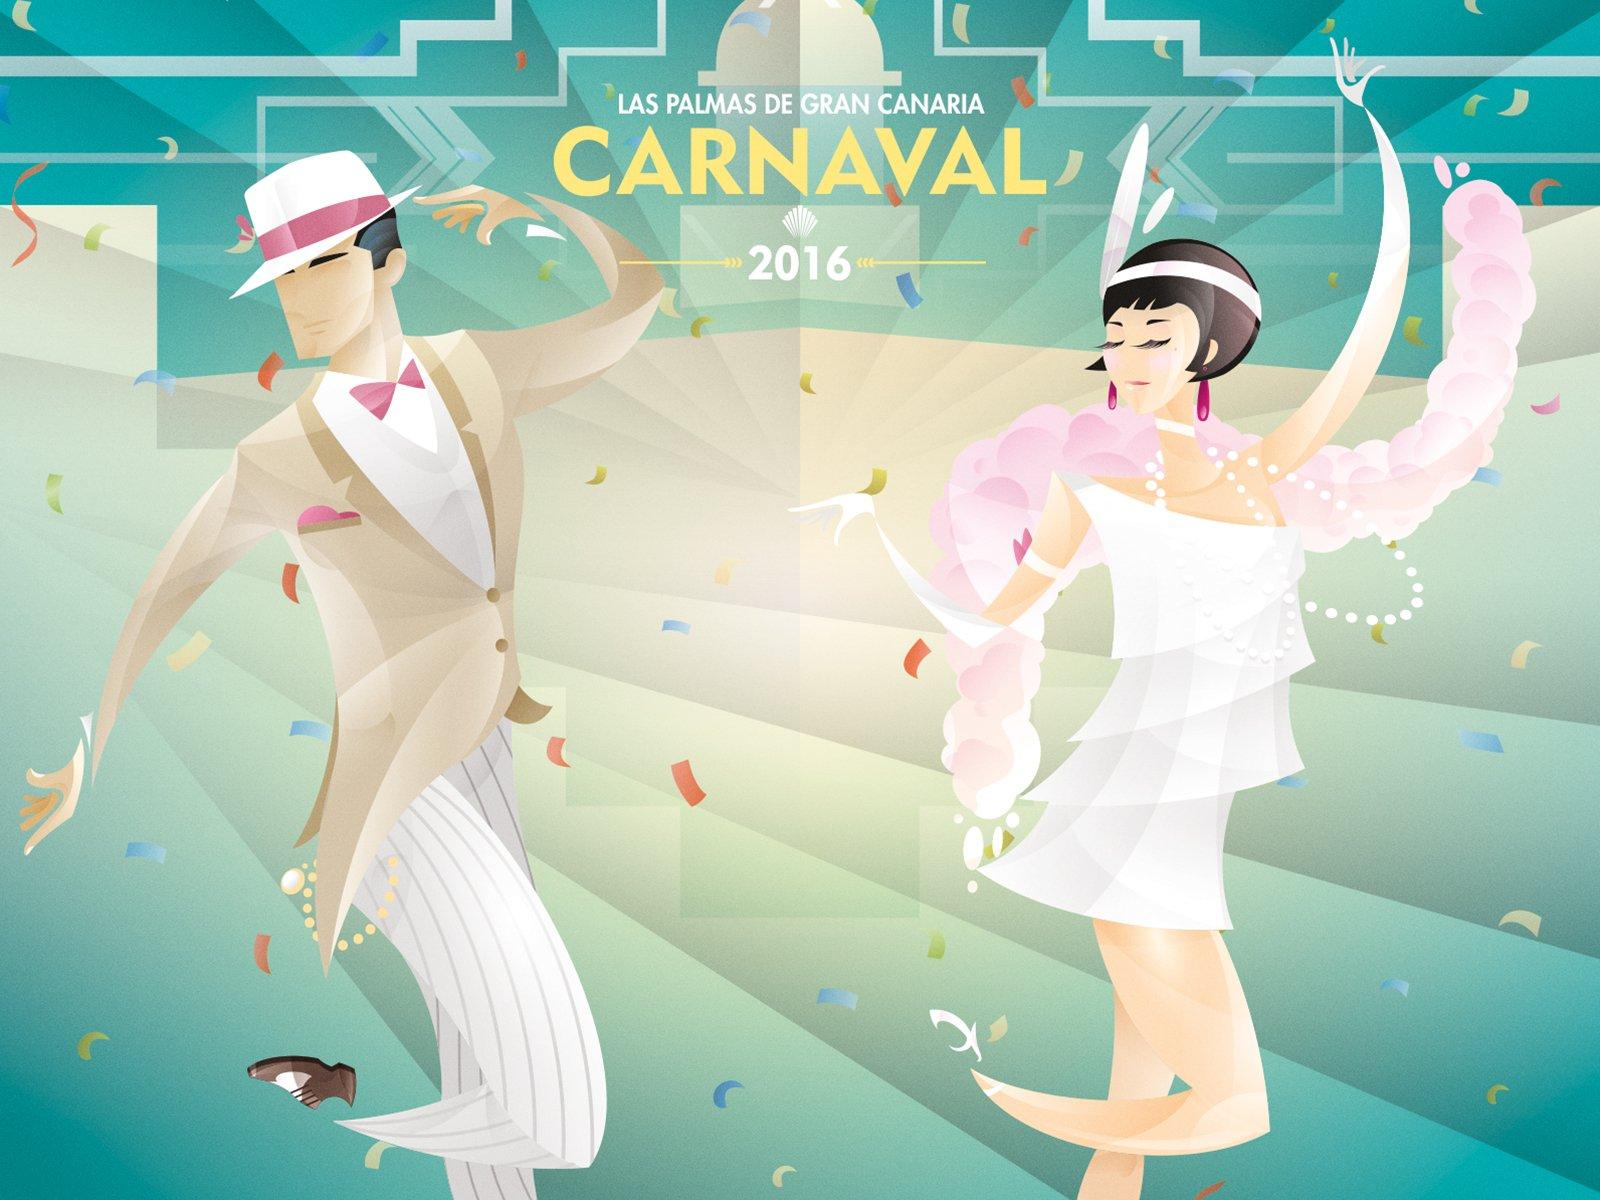 Un cartel evocador de los bailes de Los   locos años 20, obra de Waldemar Diseño y   Comunicación, será la imagen del Carnaval   2016 de Las Palmas de Gran Canaria